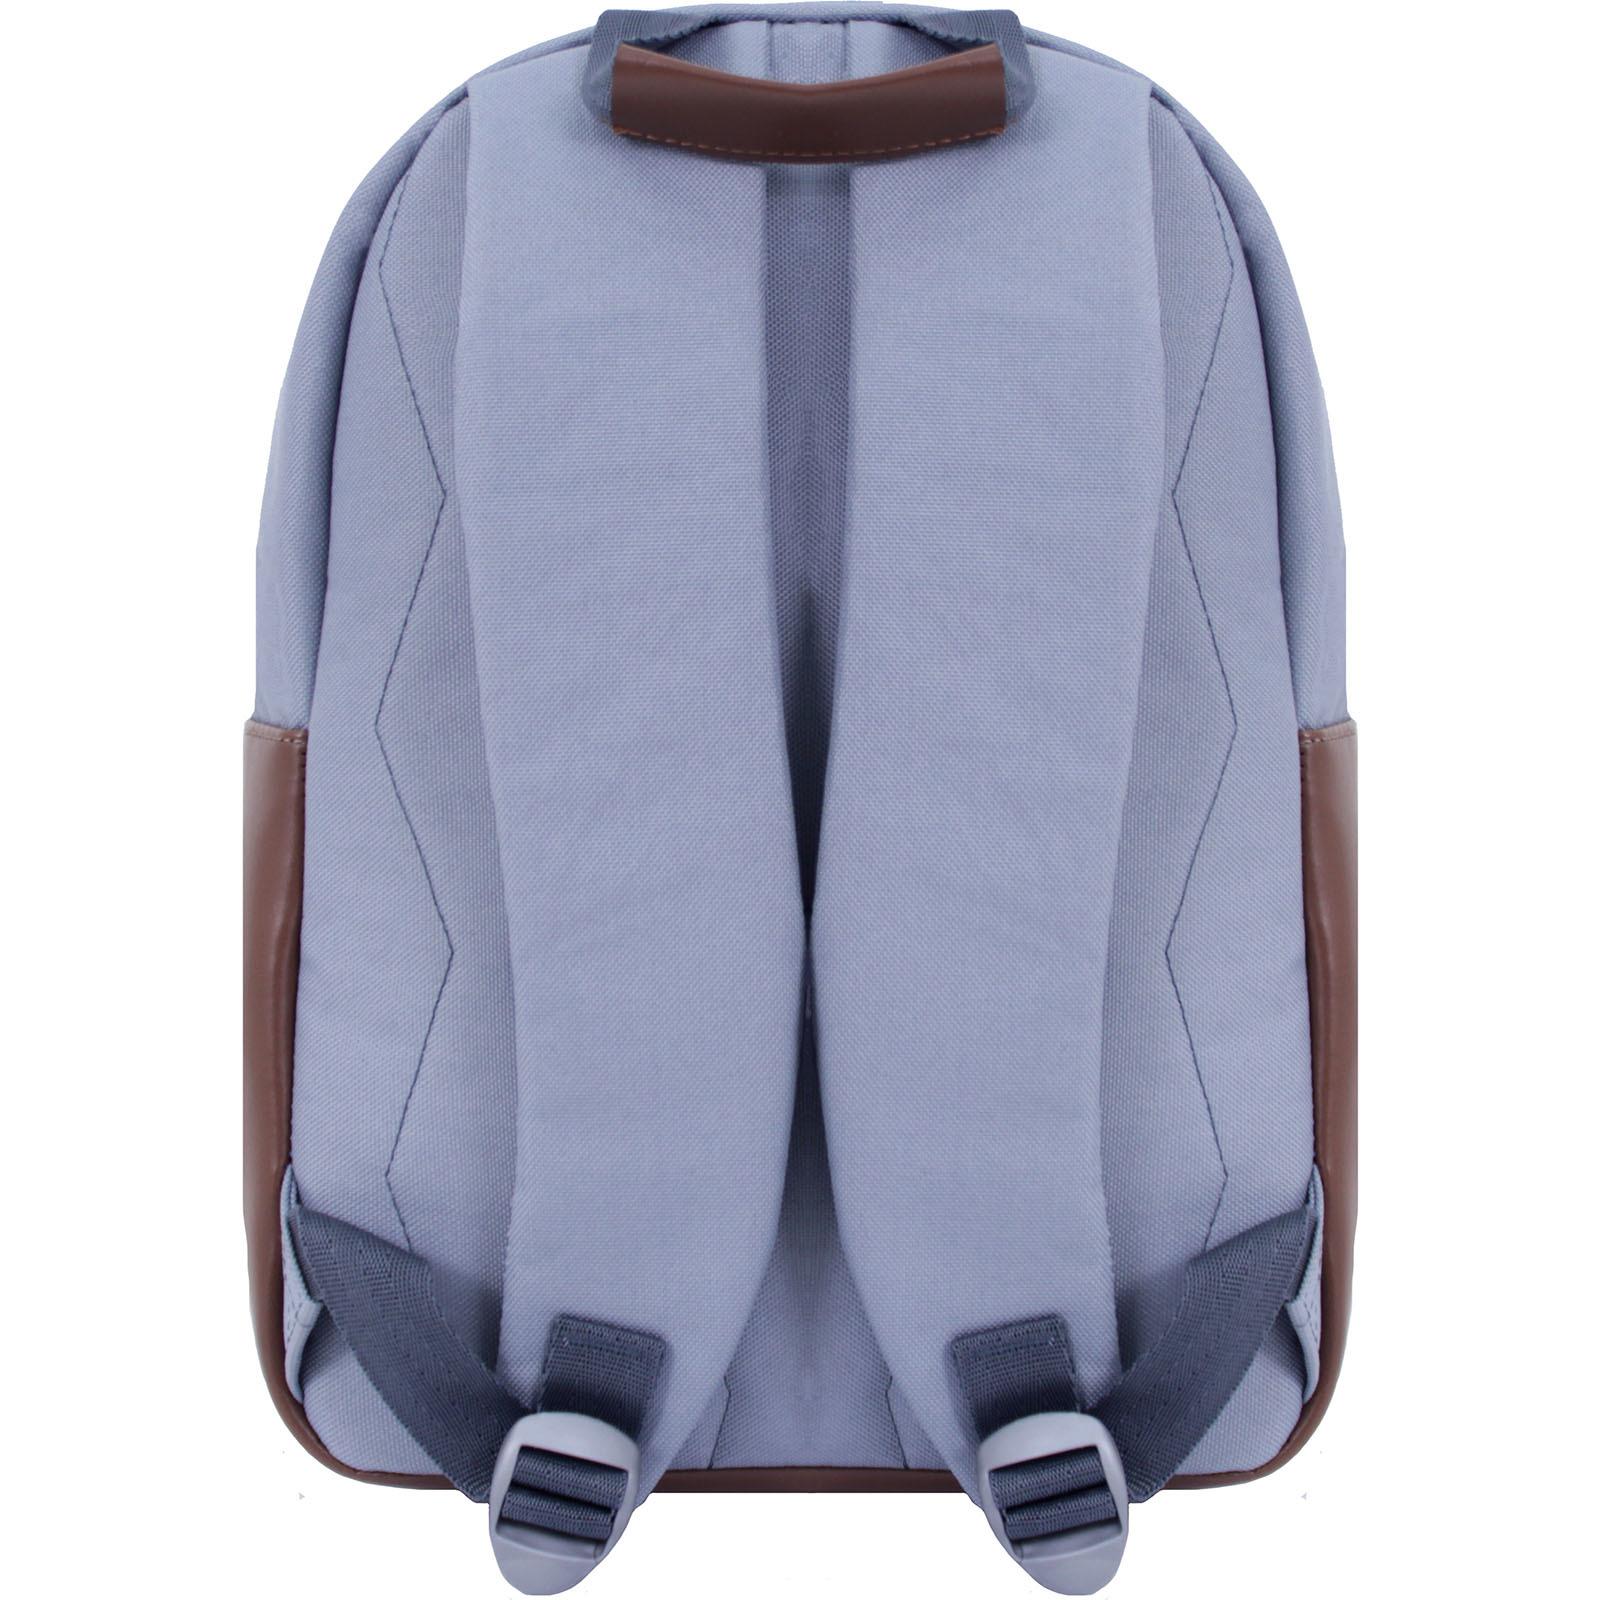 Рюкзак Bagland Frost 13 л. серый (00540663) фото 3